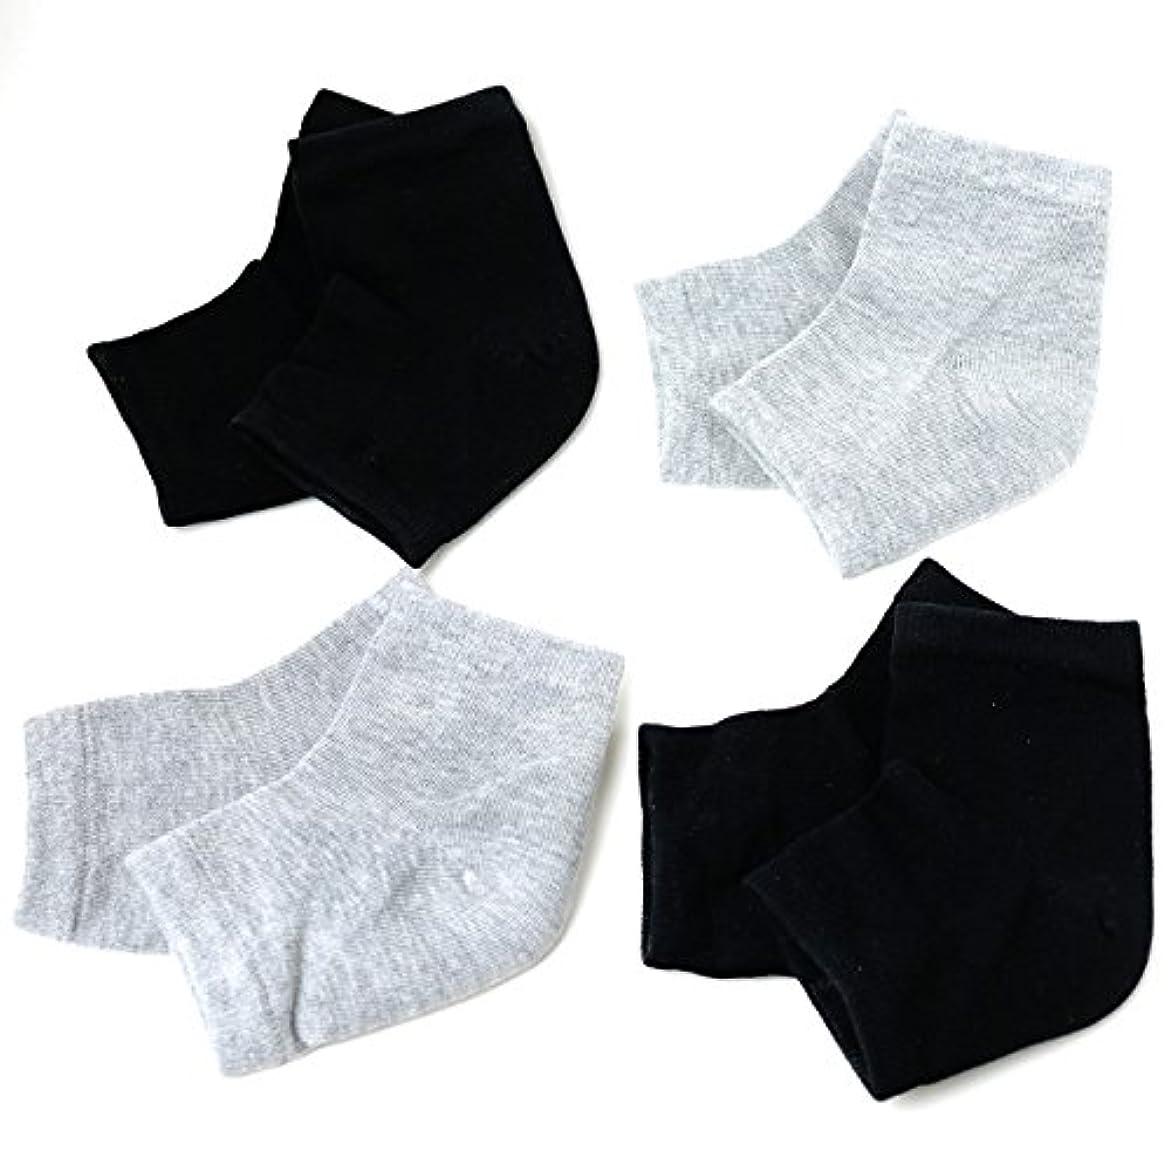 恐怖起こりやすいに沿ってBanane D'or かかと 靴下 ソックス セット (黒×2 グレー×2)